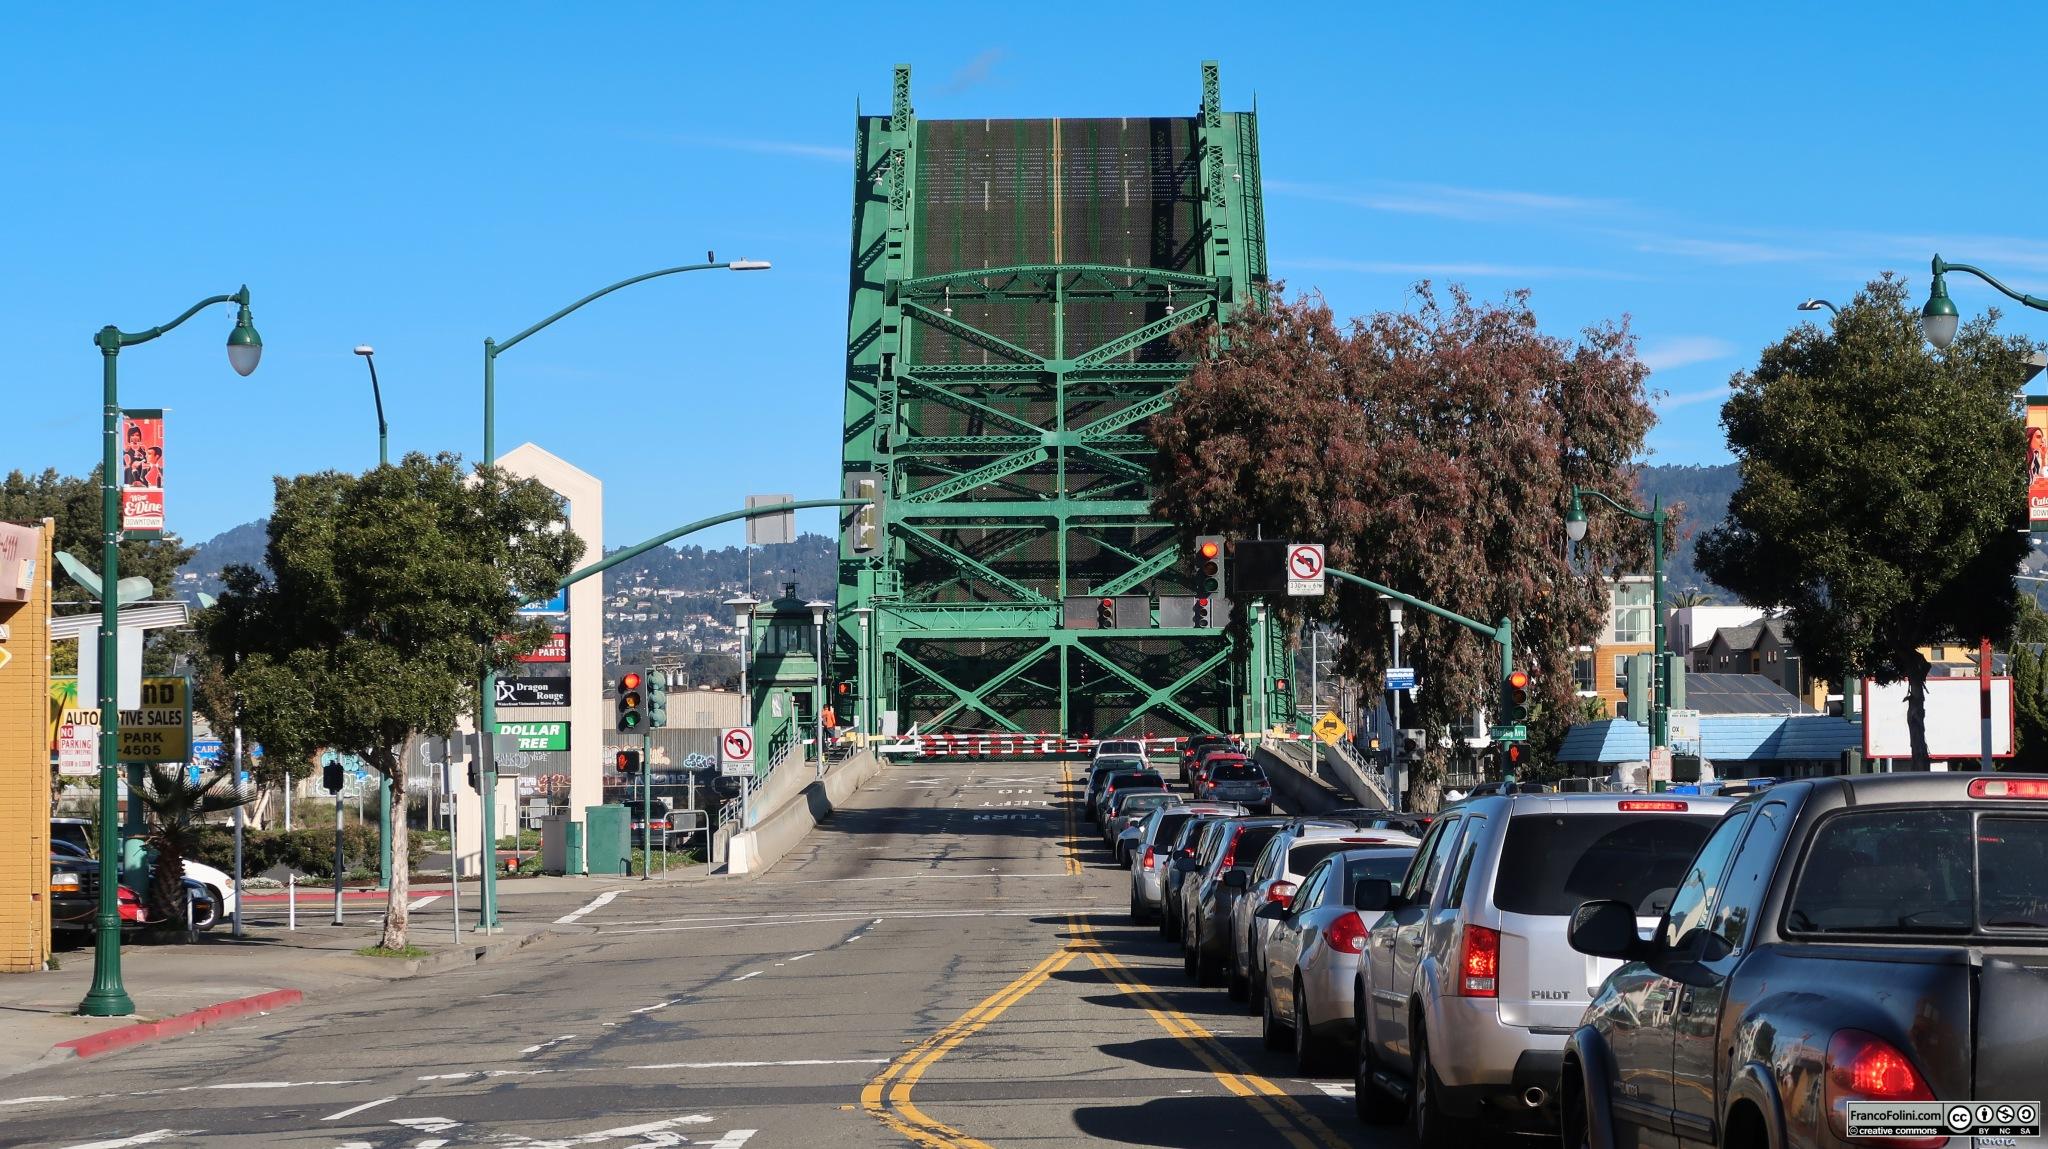 Il ponte di Park Street sollevato per permettere il passaggio di una nave. È un ponte levatoio a doppia anta con una campata di 372 piedi (113 metri). È stato costruito su quello che un tempo era l'estuario del fiume Oakland. Il ponte connette le città di Oakland e Alameda. Viene sollevato circa 1,700 volte all'anno ed è attraversato da una media di 40,000 veicoli per giorno lavorativo